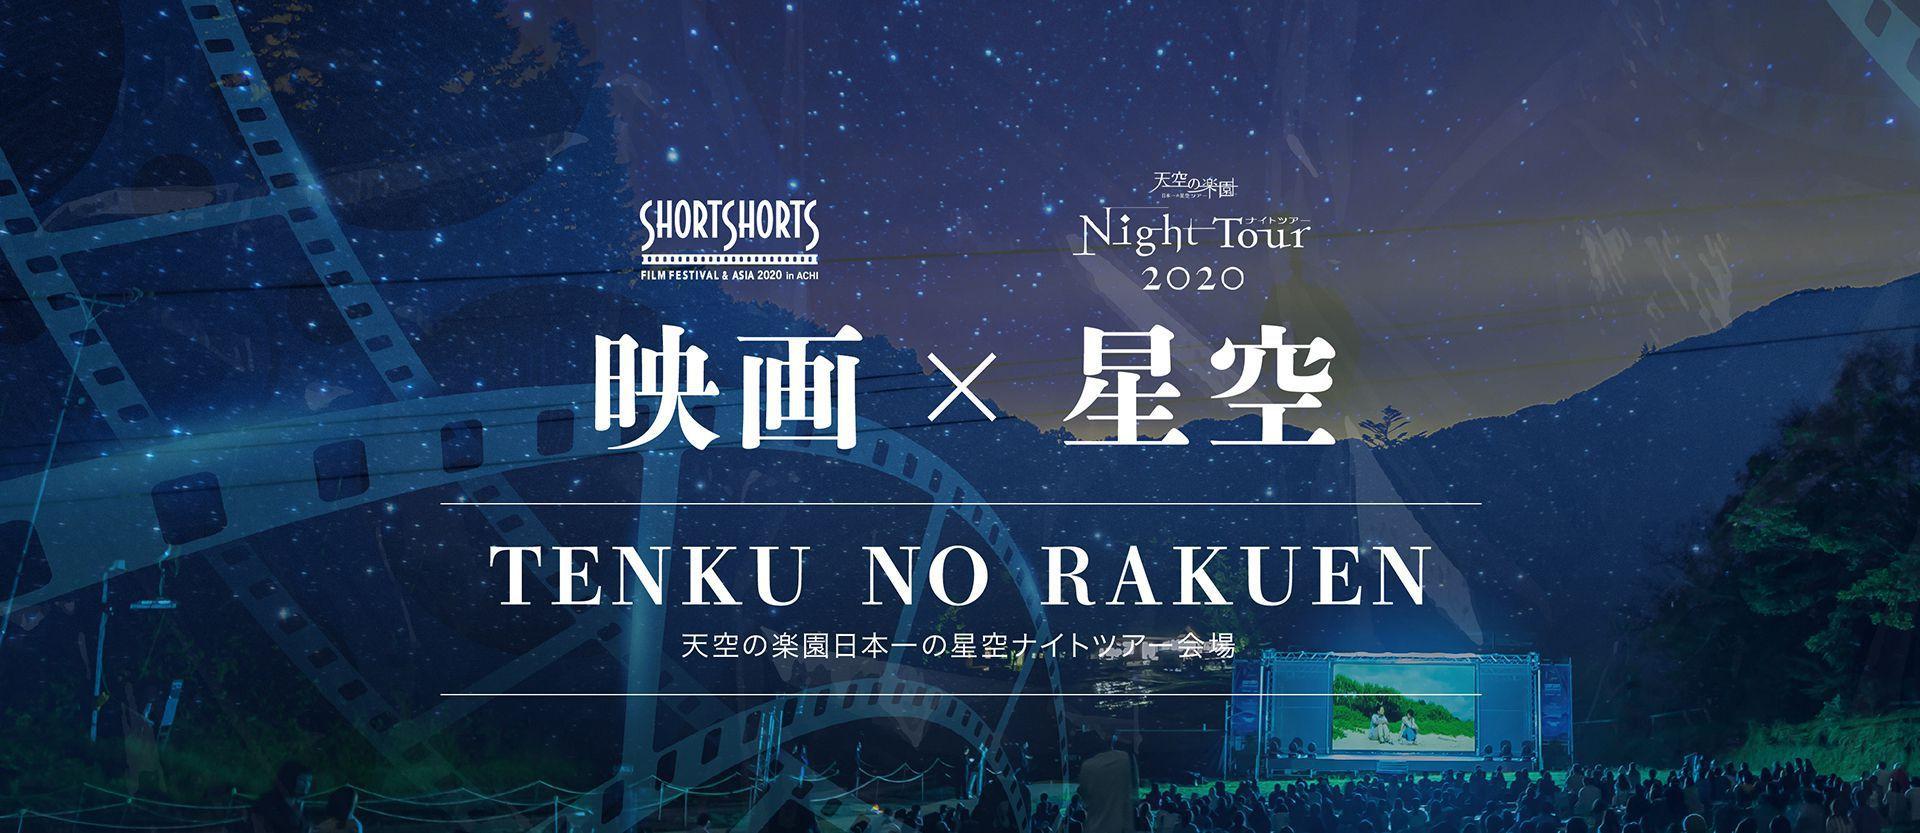 映画×星空TENKU NO RAKUEN